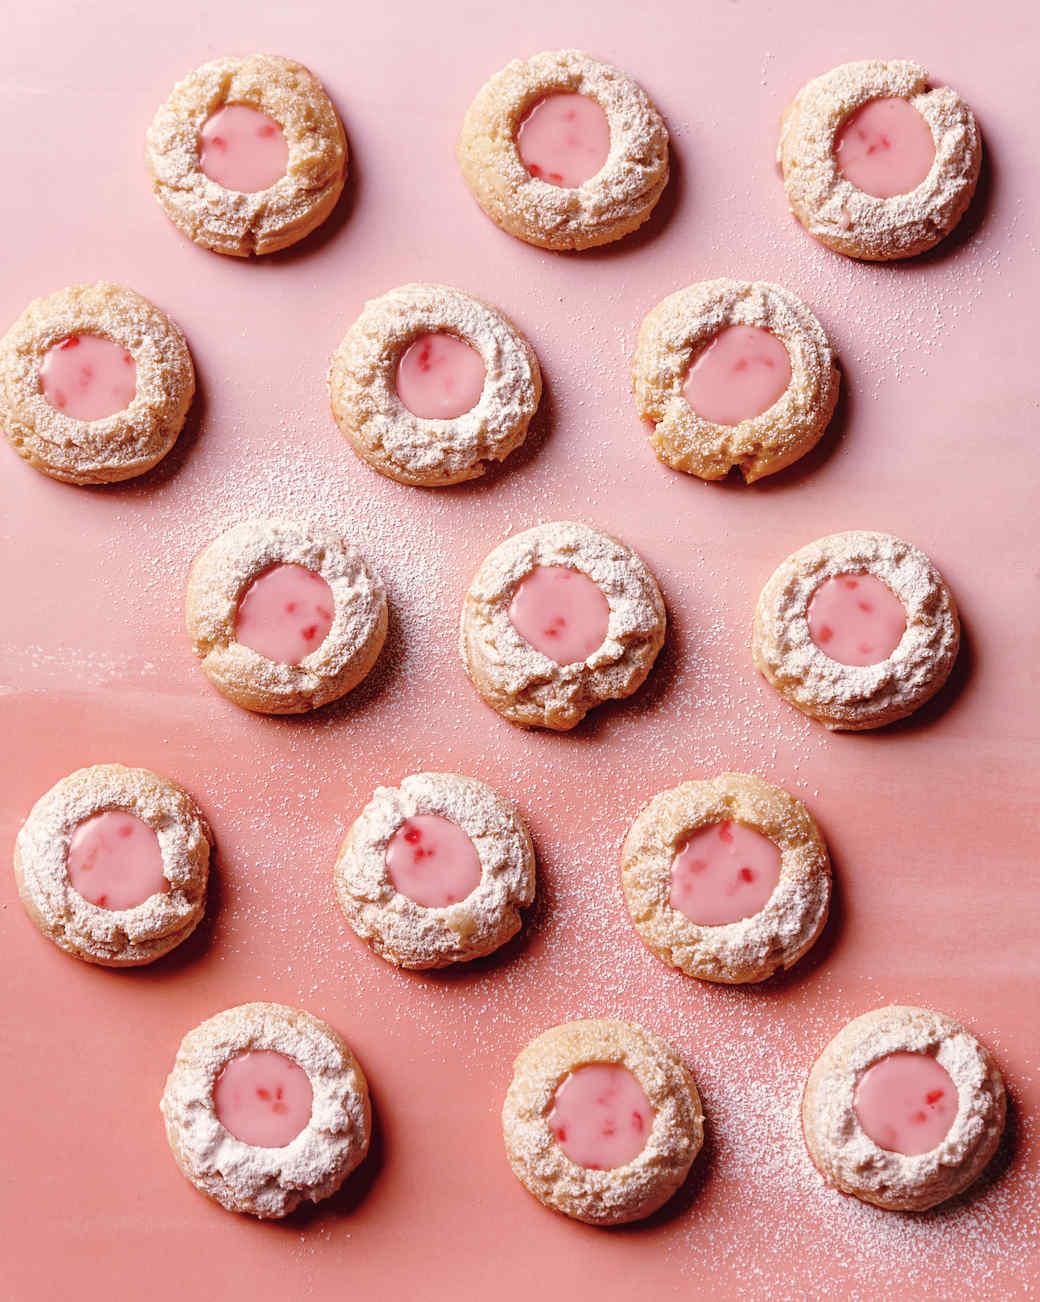 pink-lemon-cookie-027-d111938.jpg